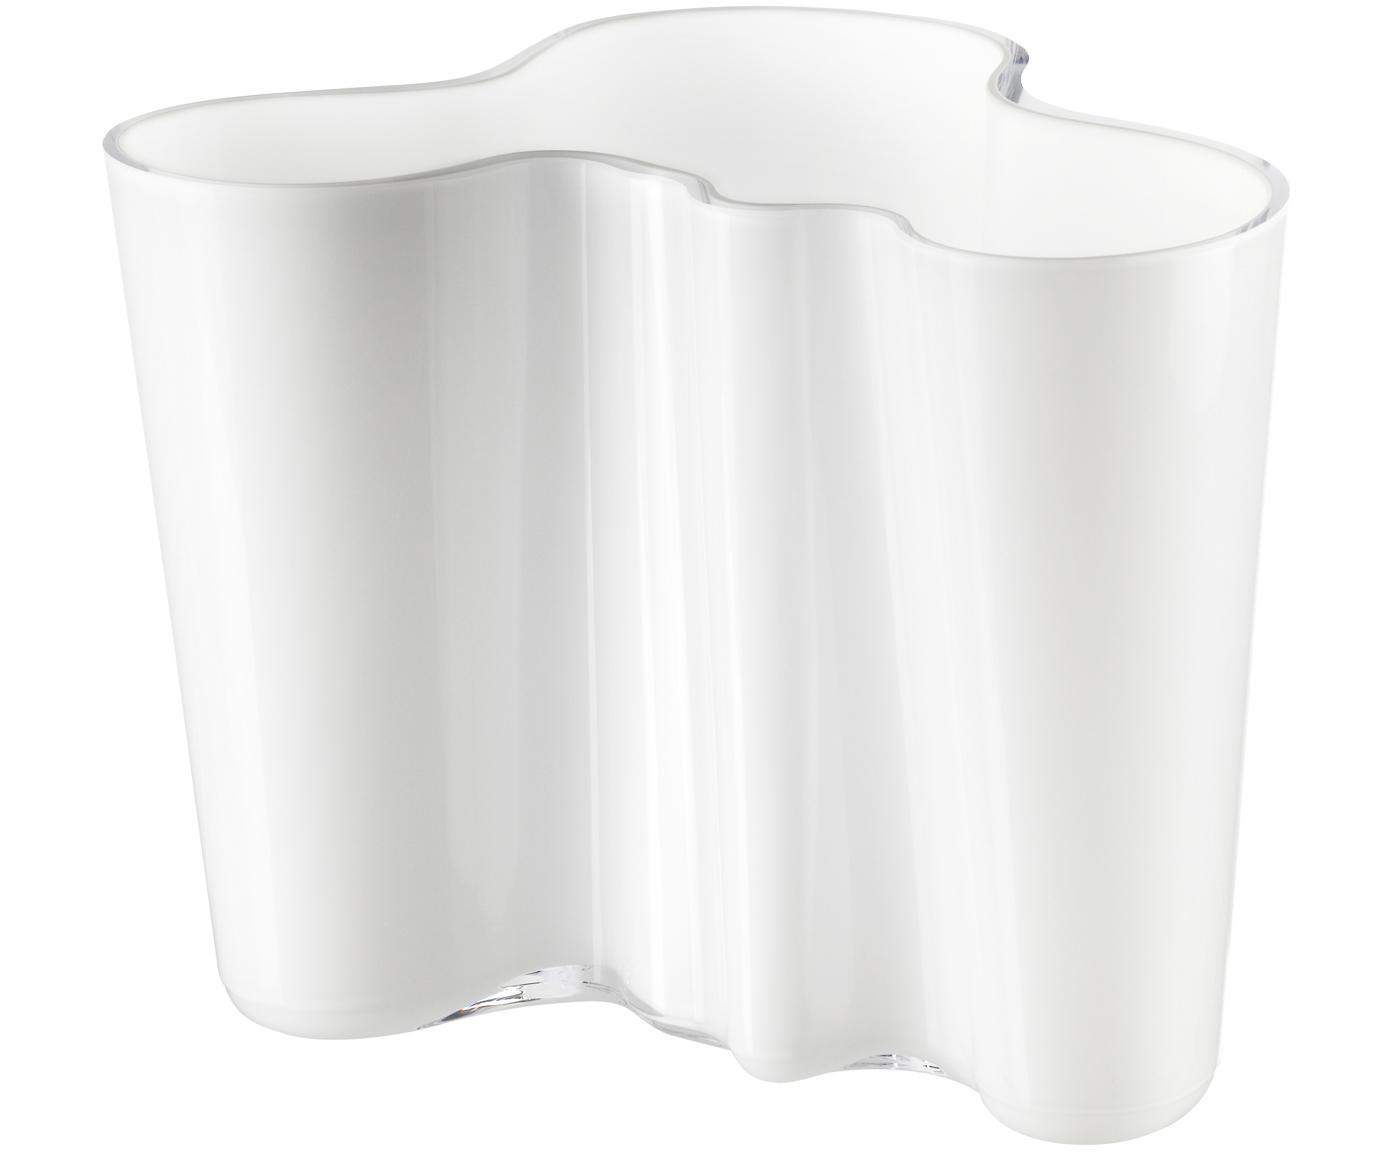 Kleine Design-Vase Alvar Aalto, Glas, Weiß, H 16 cm